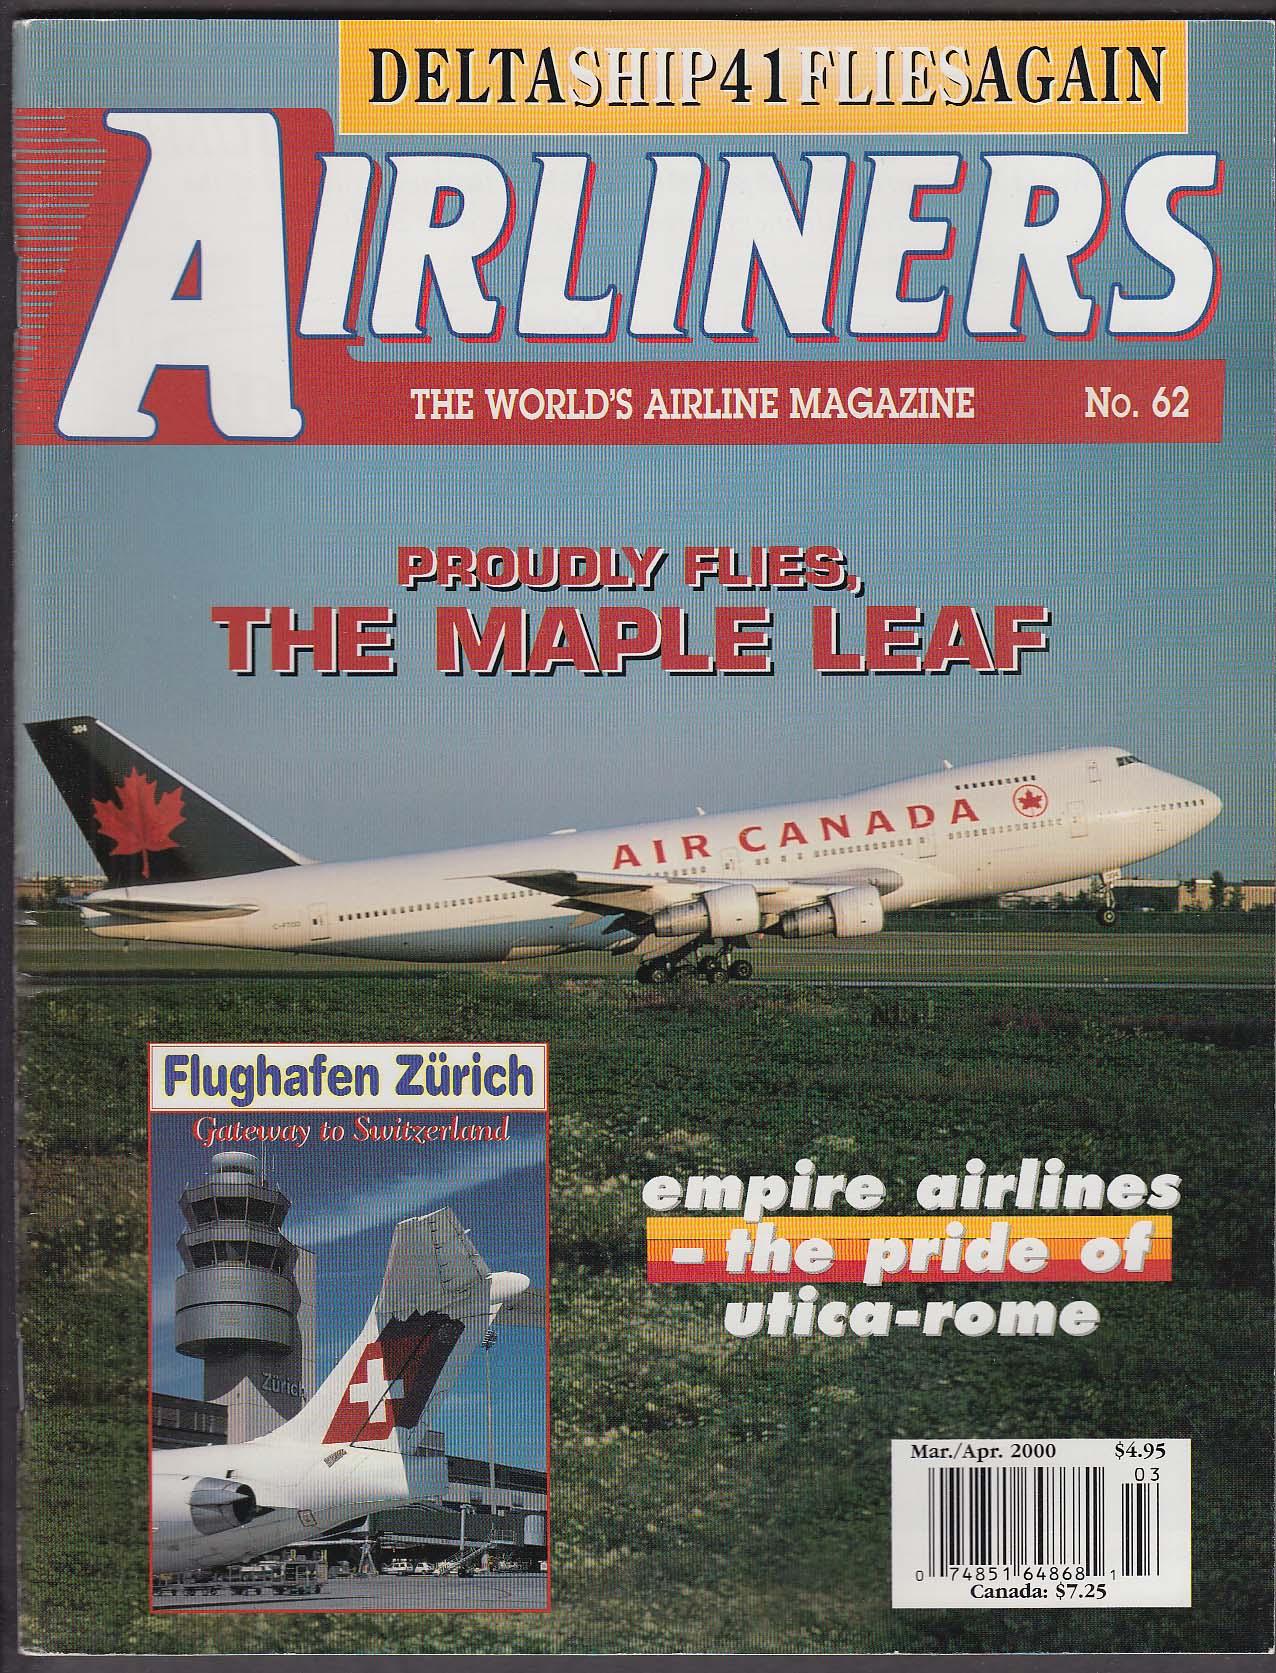 AIRLINERS #62 Air Canada Flughafen Zurich JetBlue Delta Ship 41 ++ 3-4 2000